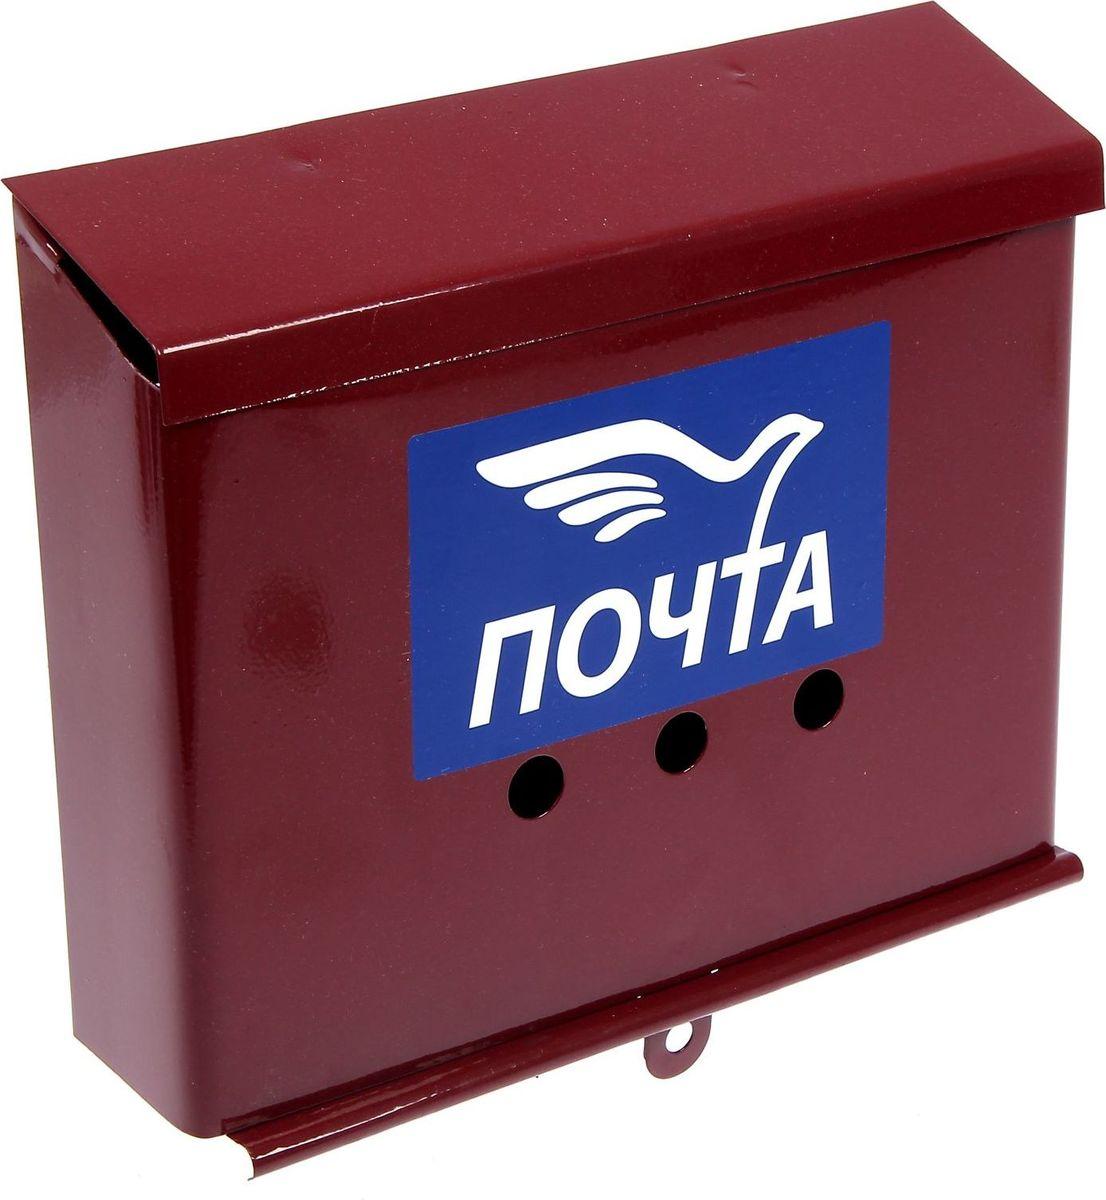 Ящик почтовый Письмо, с петлей, цвет: бордовый, 21 х 25 х 6,5 см2042969Почтовый ящик - то, что актуально во все времена. Несмотря на распространение интернета и мобильной связи, мы продолжаем получать бумажные счета, информационную корреспонденцию, ну а кто-то по-прежнему остаётся верен старым добрым конвертам.Чтобы не терять связи с неэлектронными сферами жизни, обзаведитесь почтовым ящиком. Установите его в удобном месте... и пишите письма!